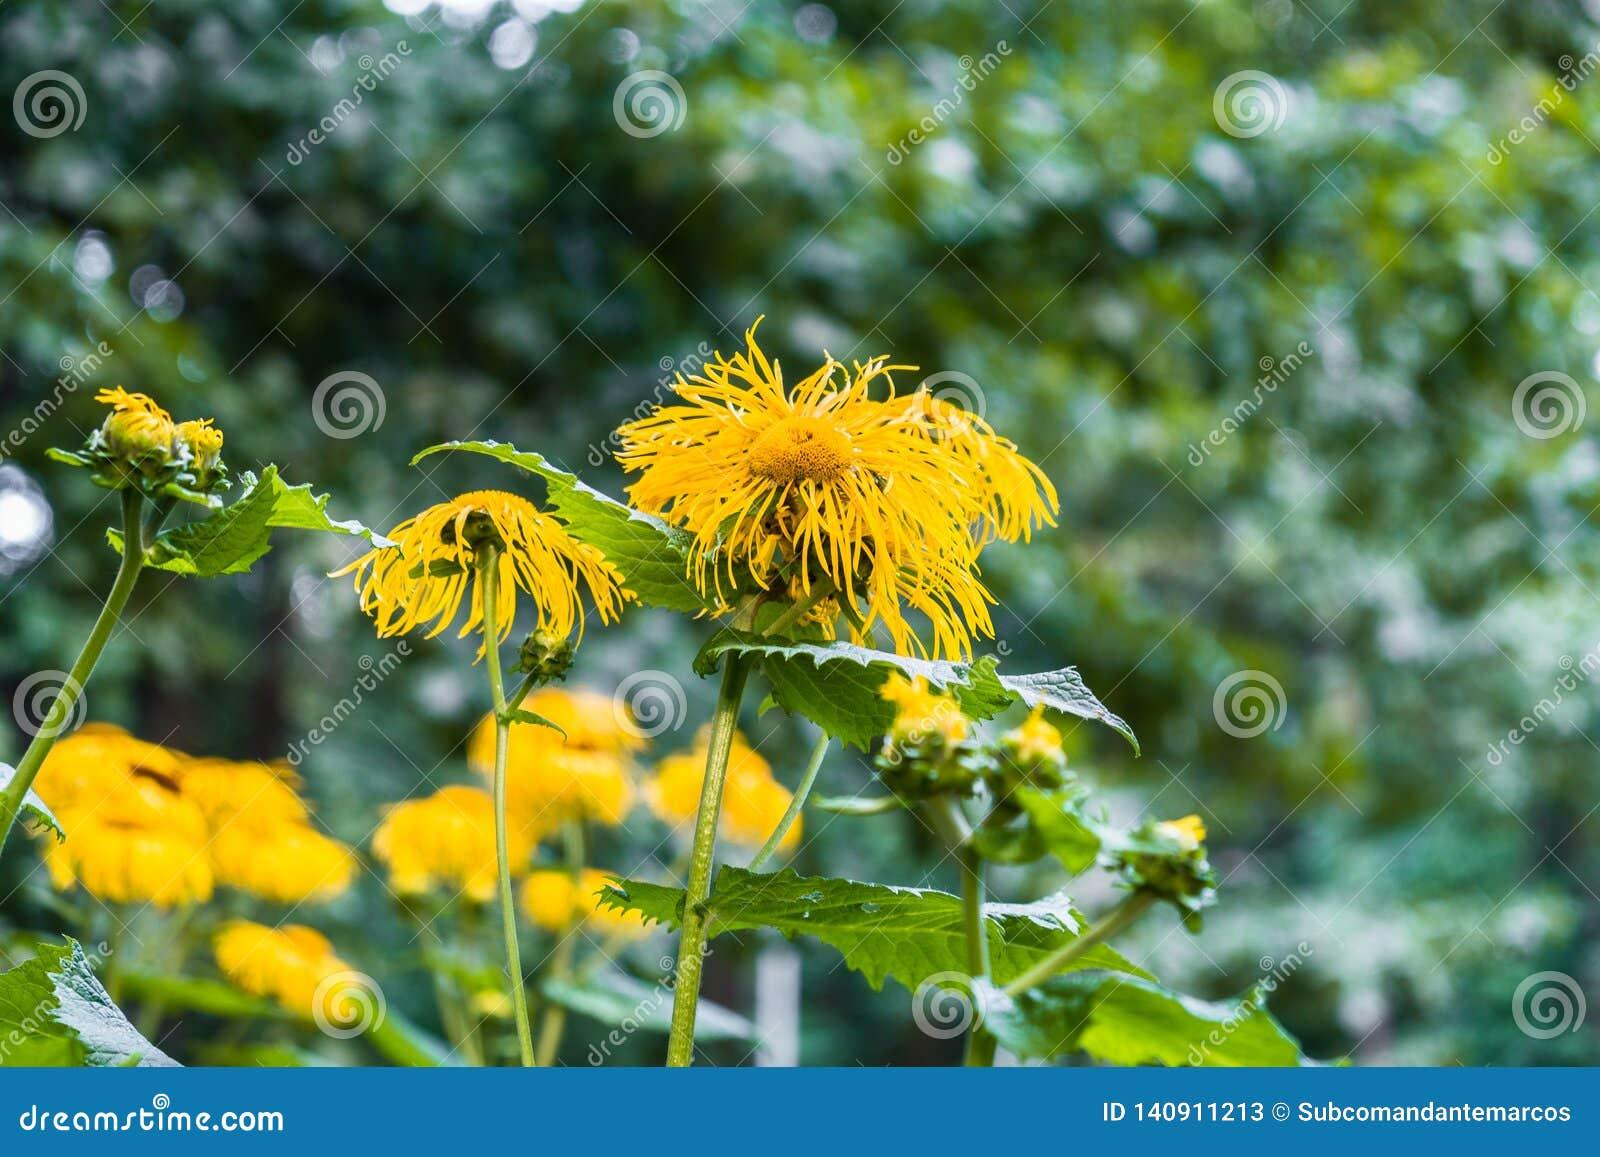 Flores decorativas amarillas preciosas en fondo verde borroso